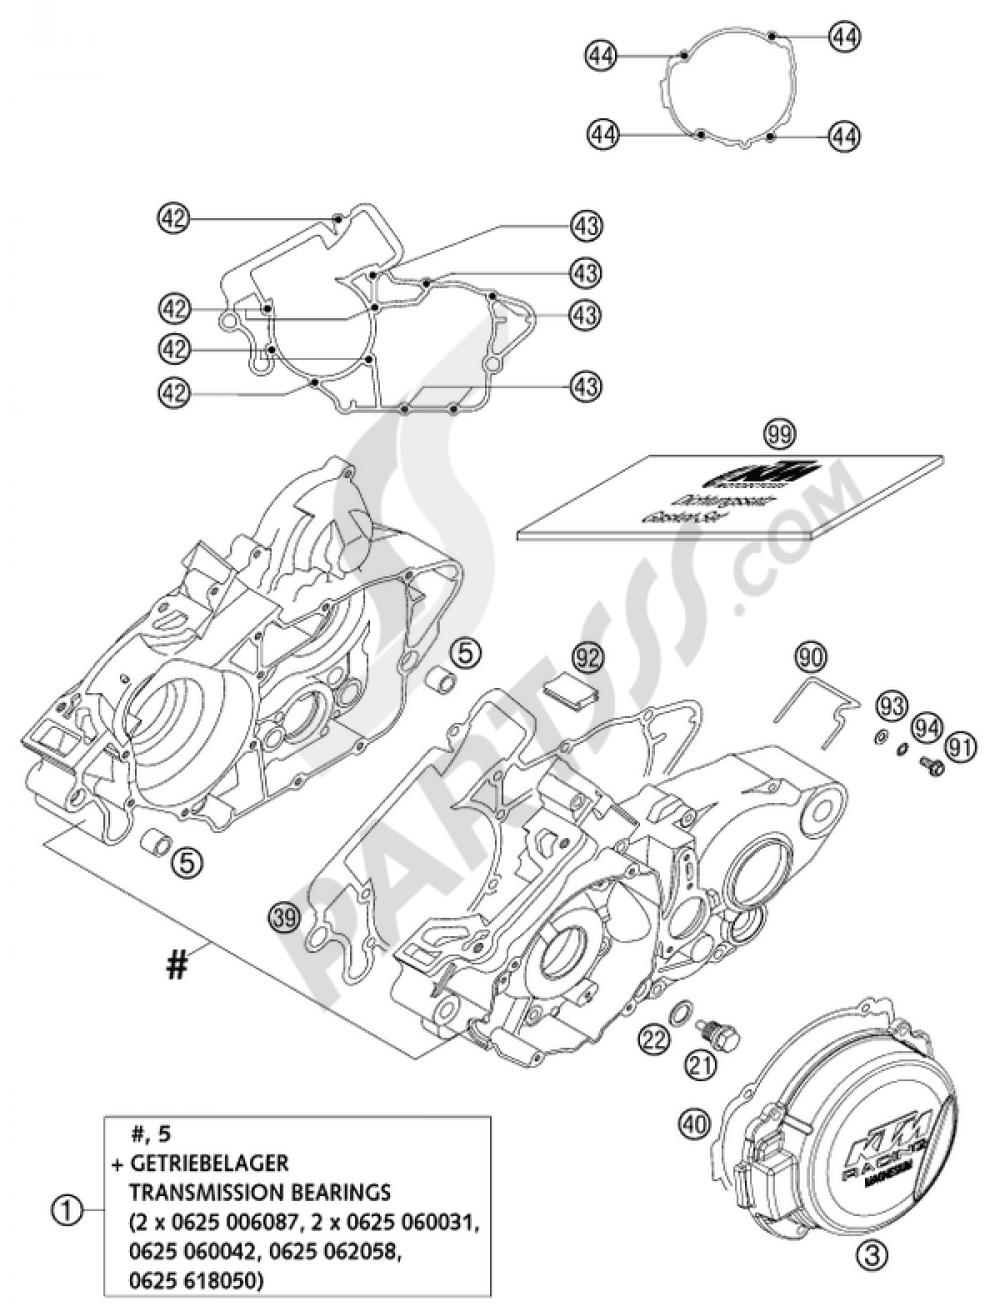 ENGINE CASE 125/200 2002 KTM 125 SX 2002 EUPartsss